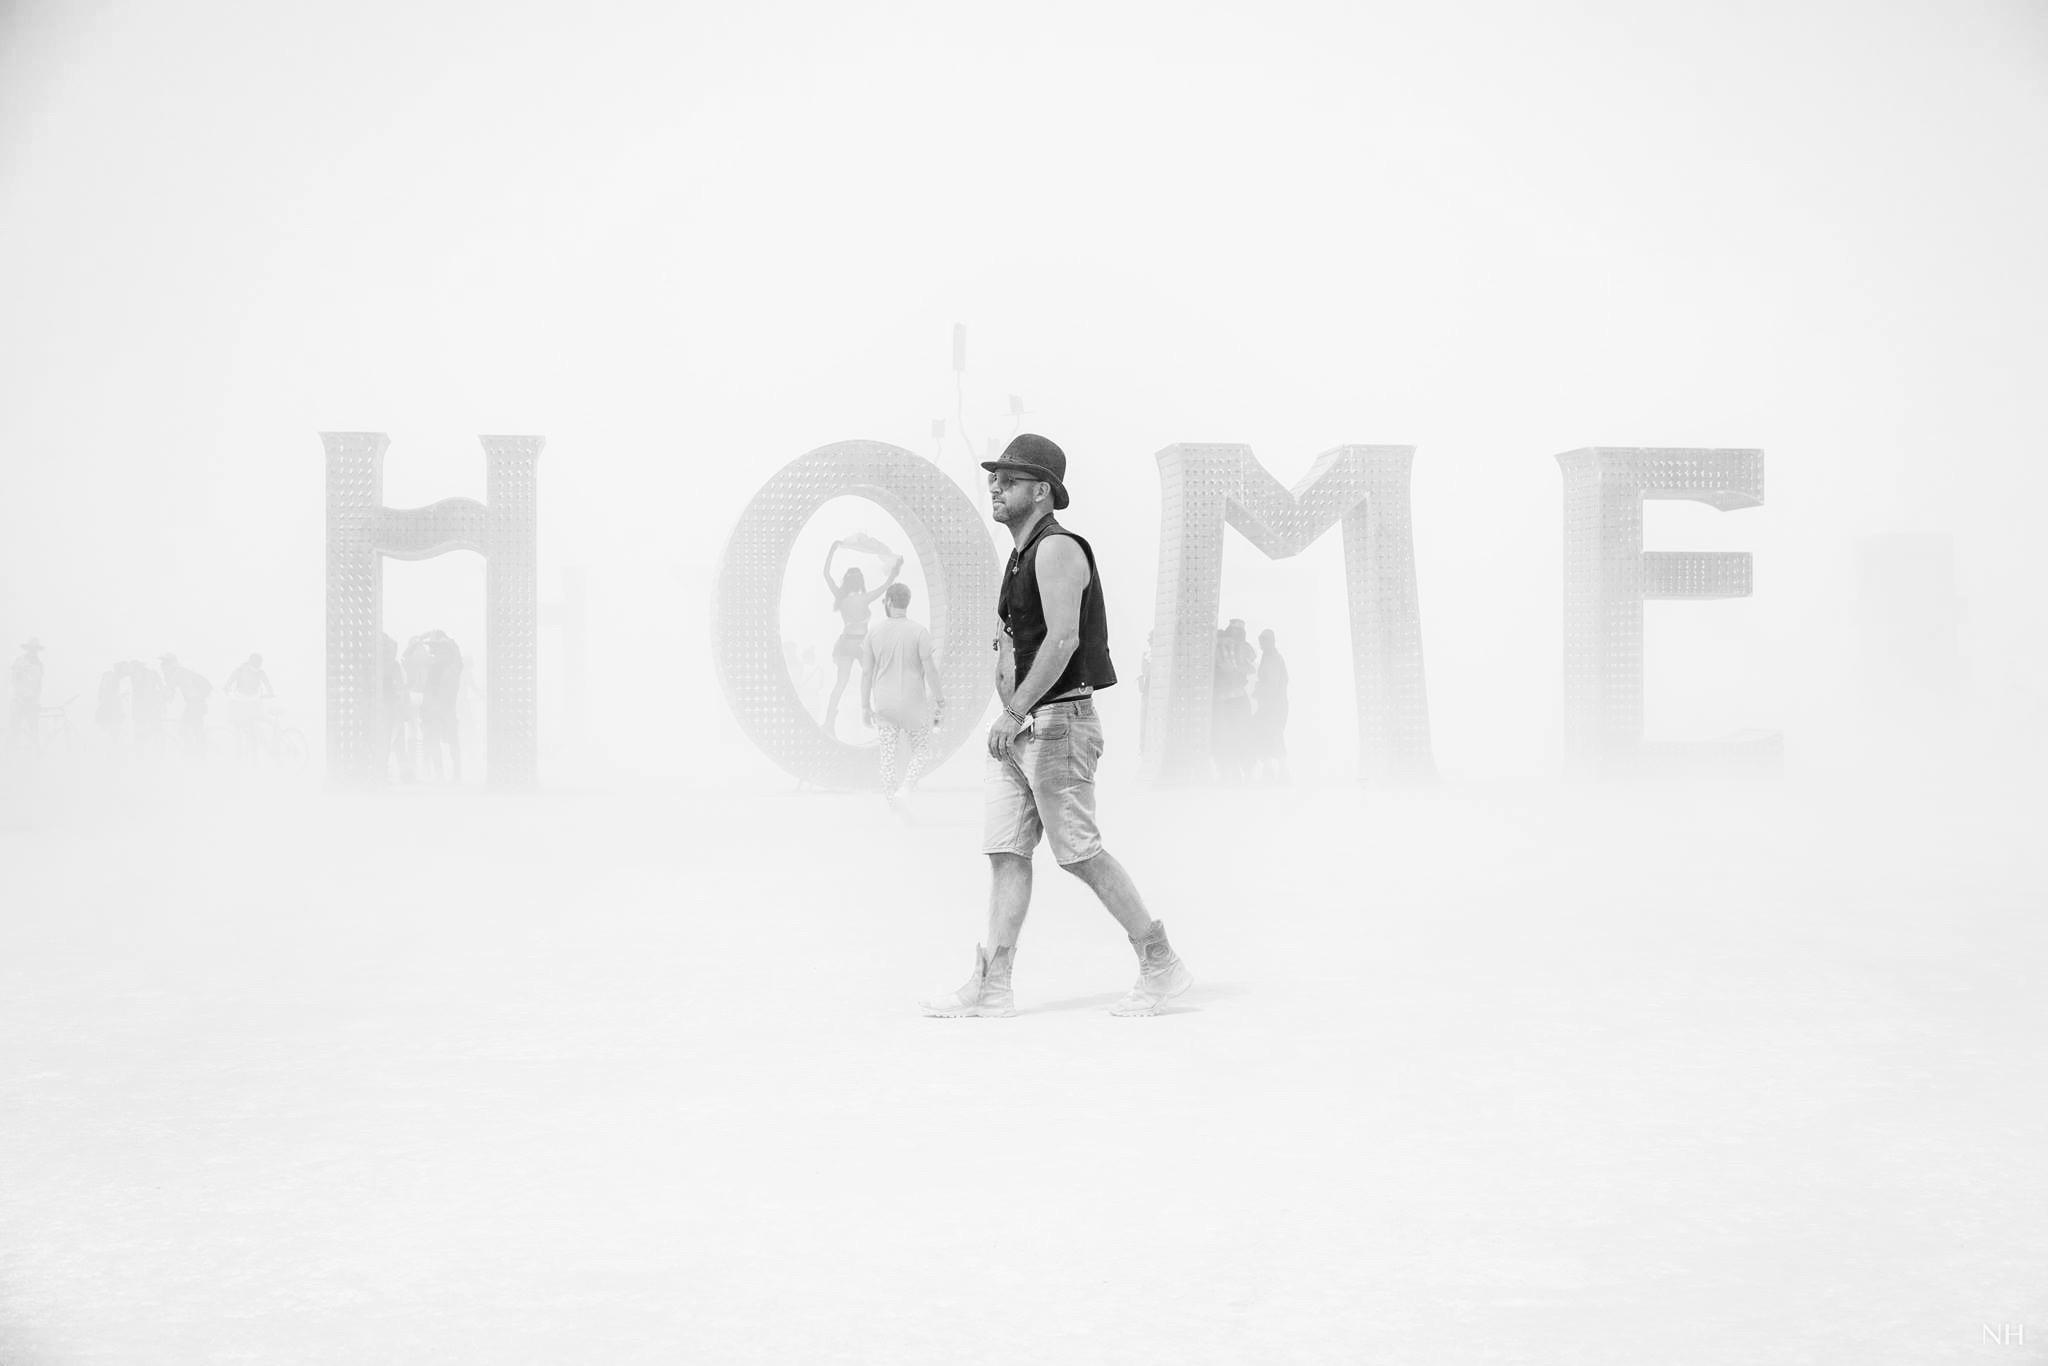 Vanjee at Burning Man Festival